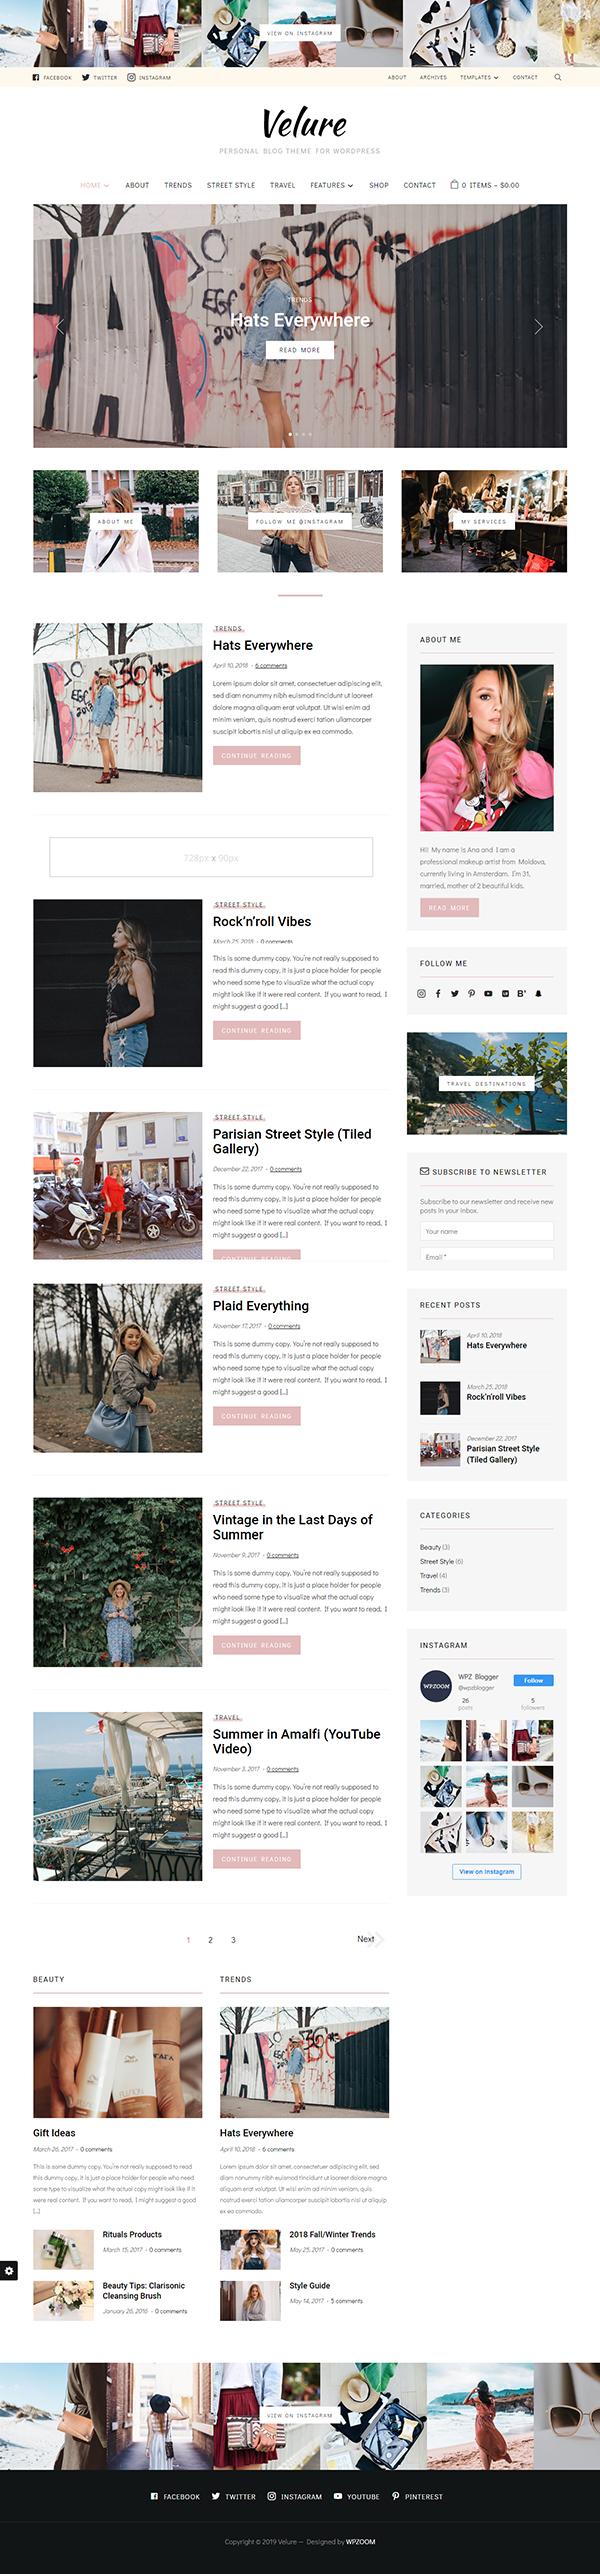 Velure - Fashion Blog WP Theme